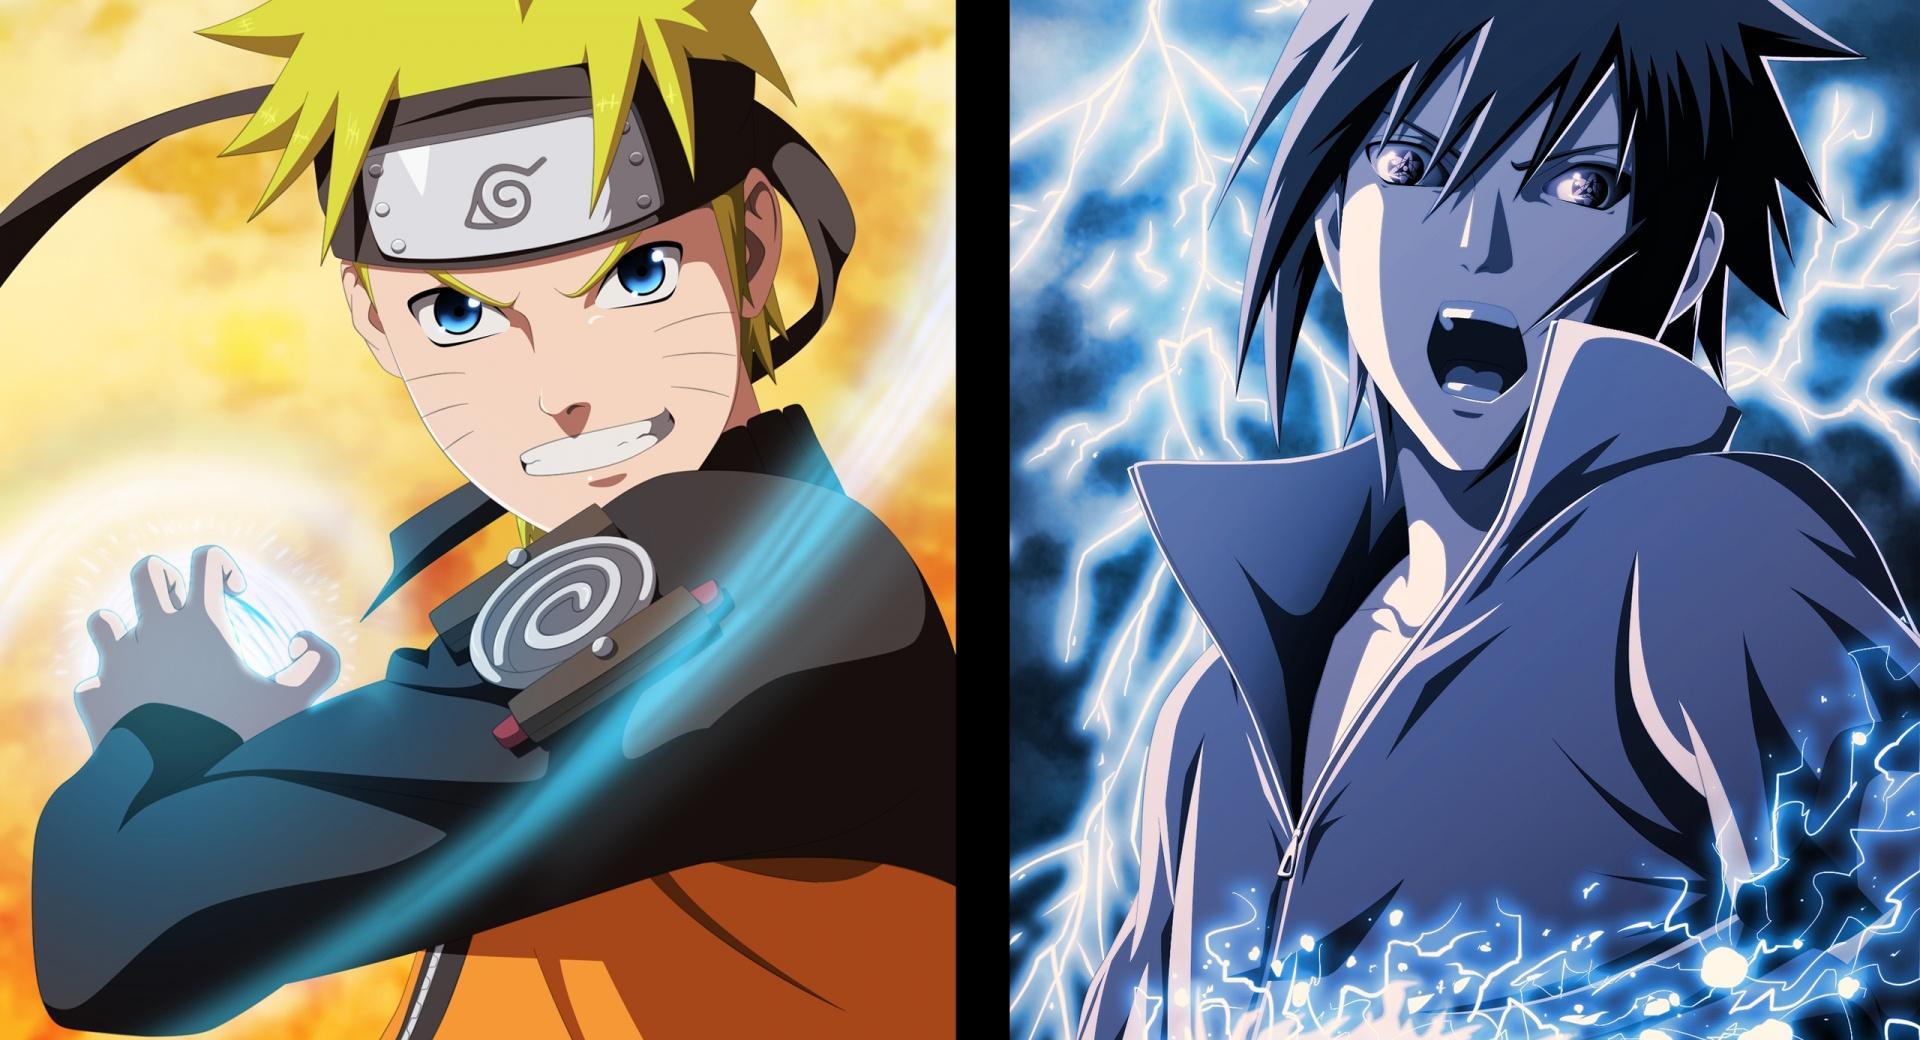 Naruto and Sasuke - Opposites wallpapers HD quality